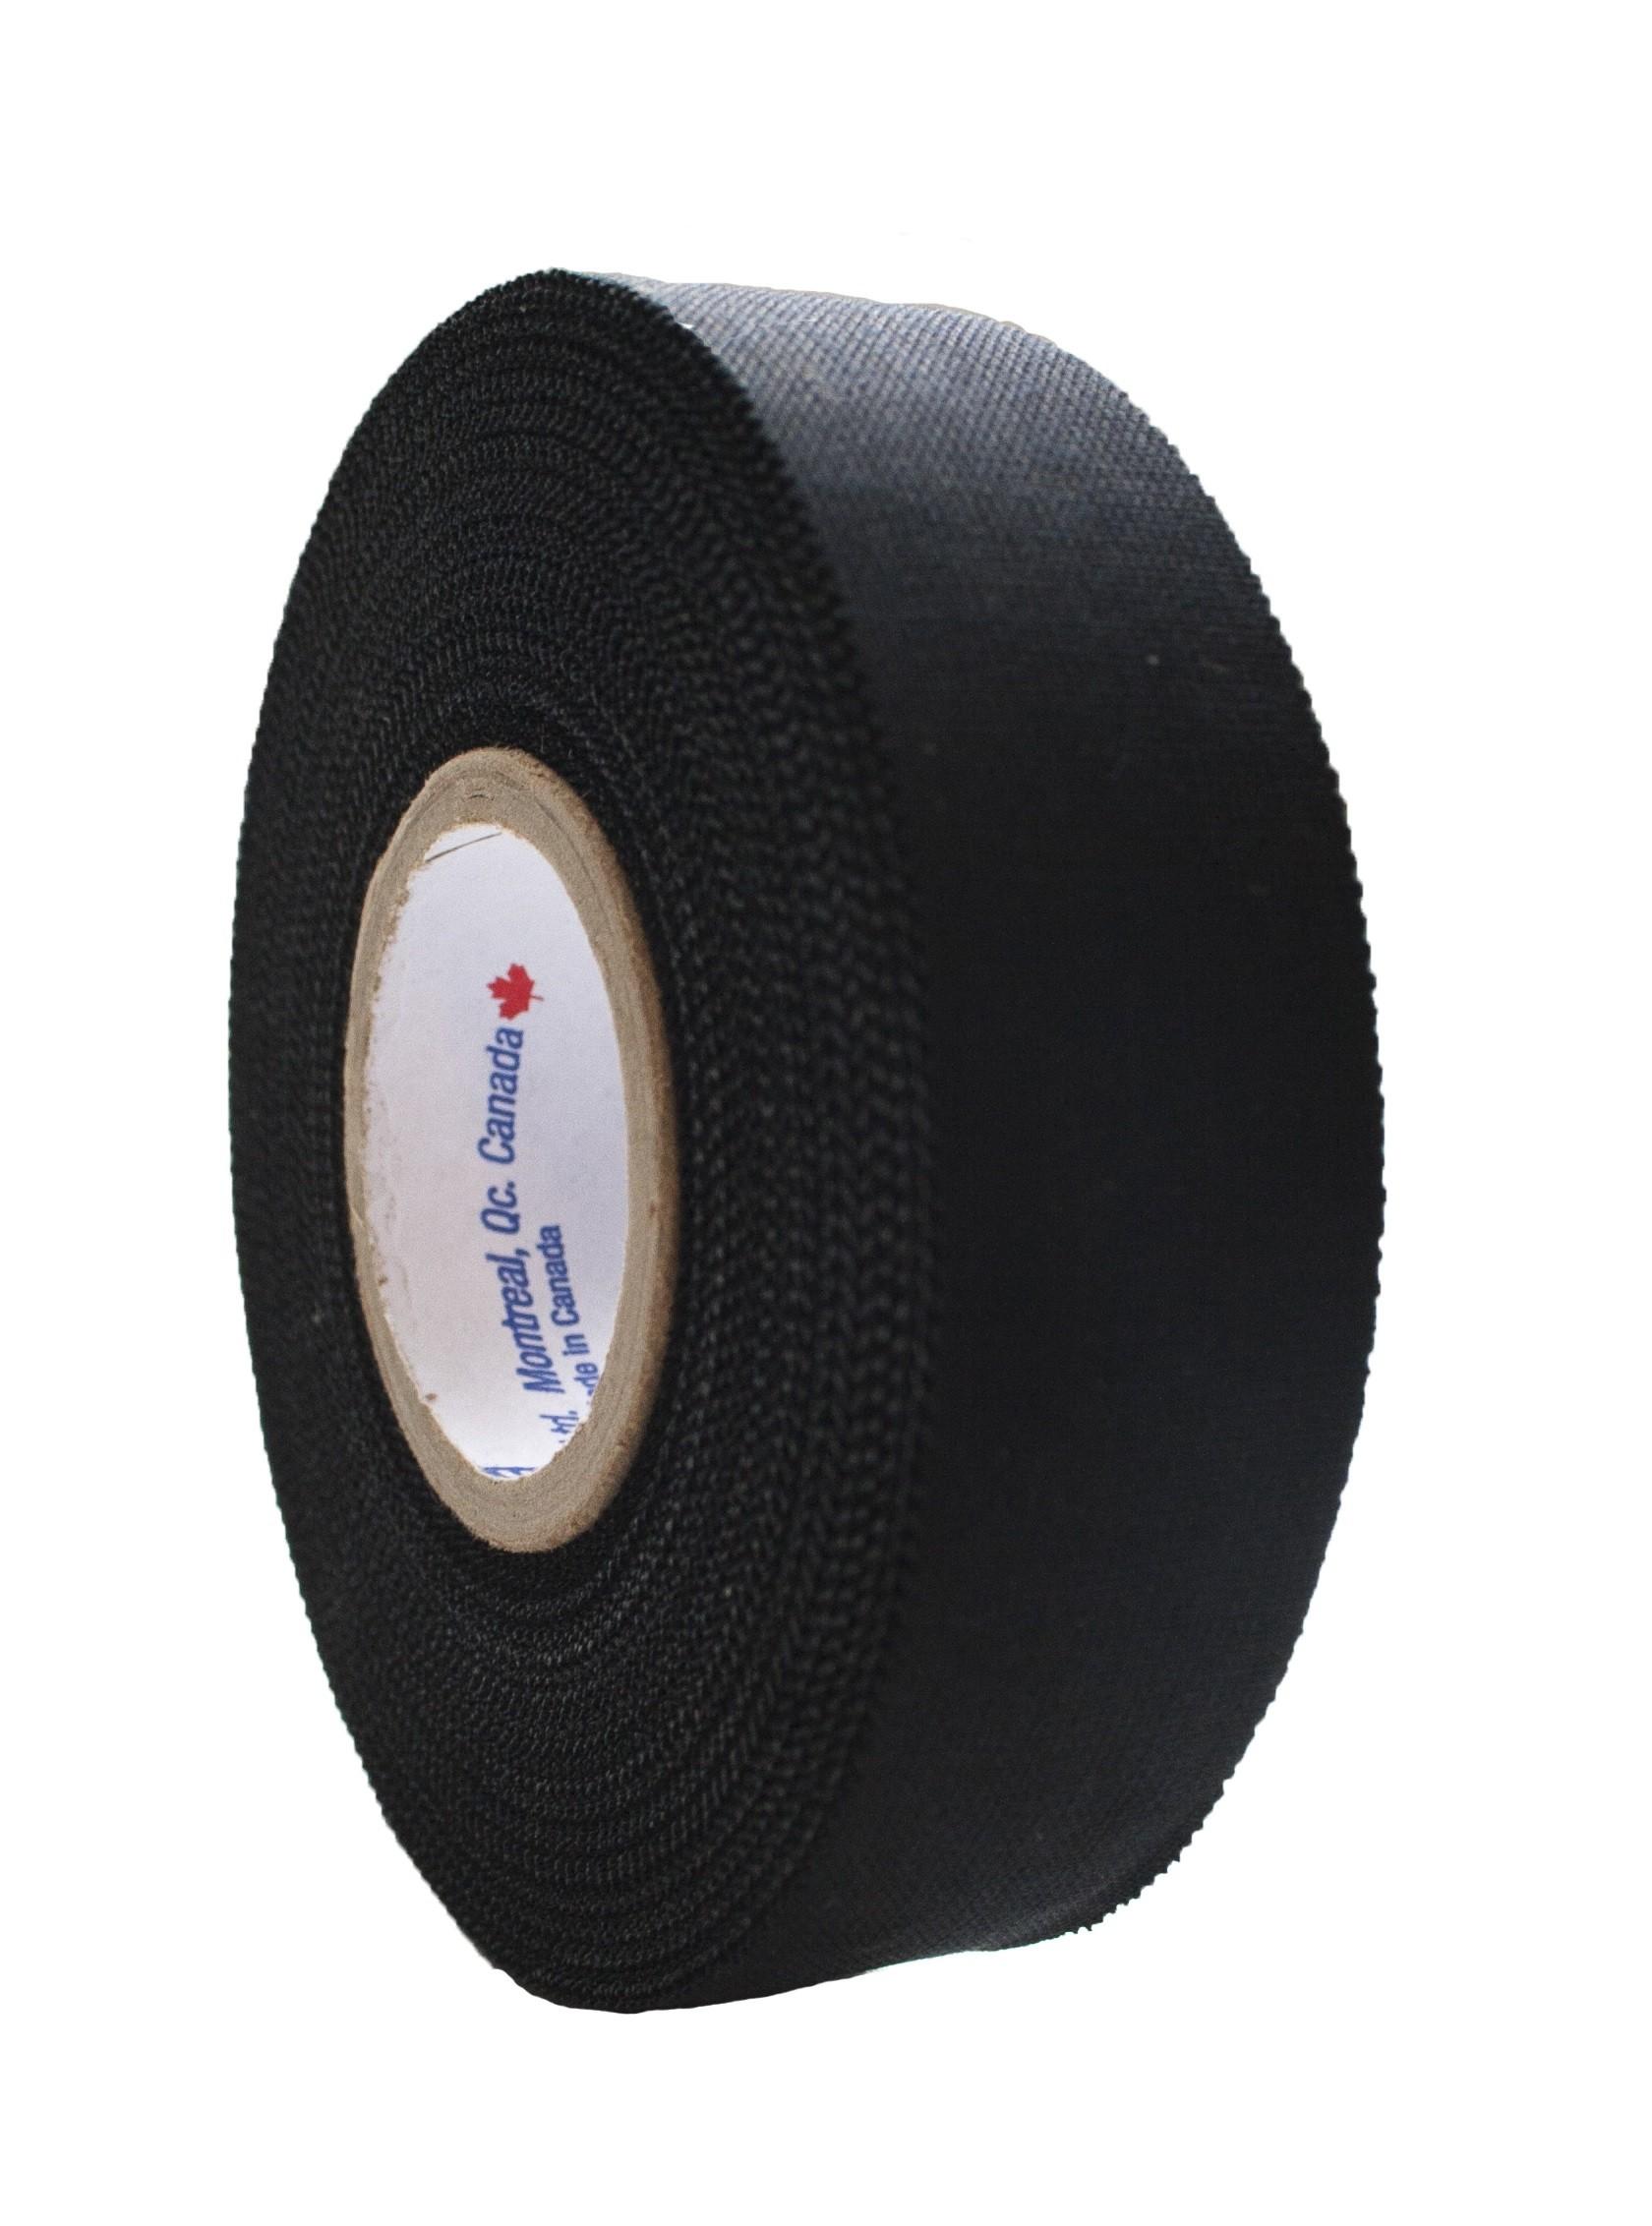 SPORTSTAPE Standart Hockey Stick Tape Black